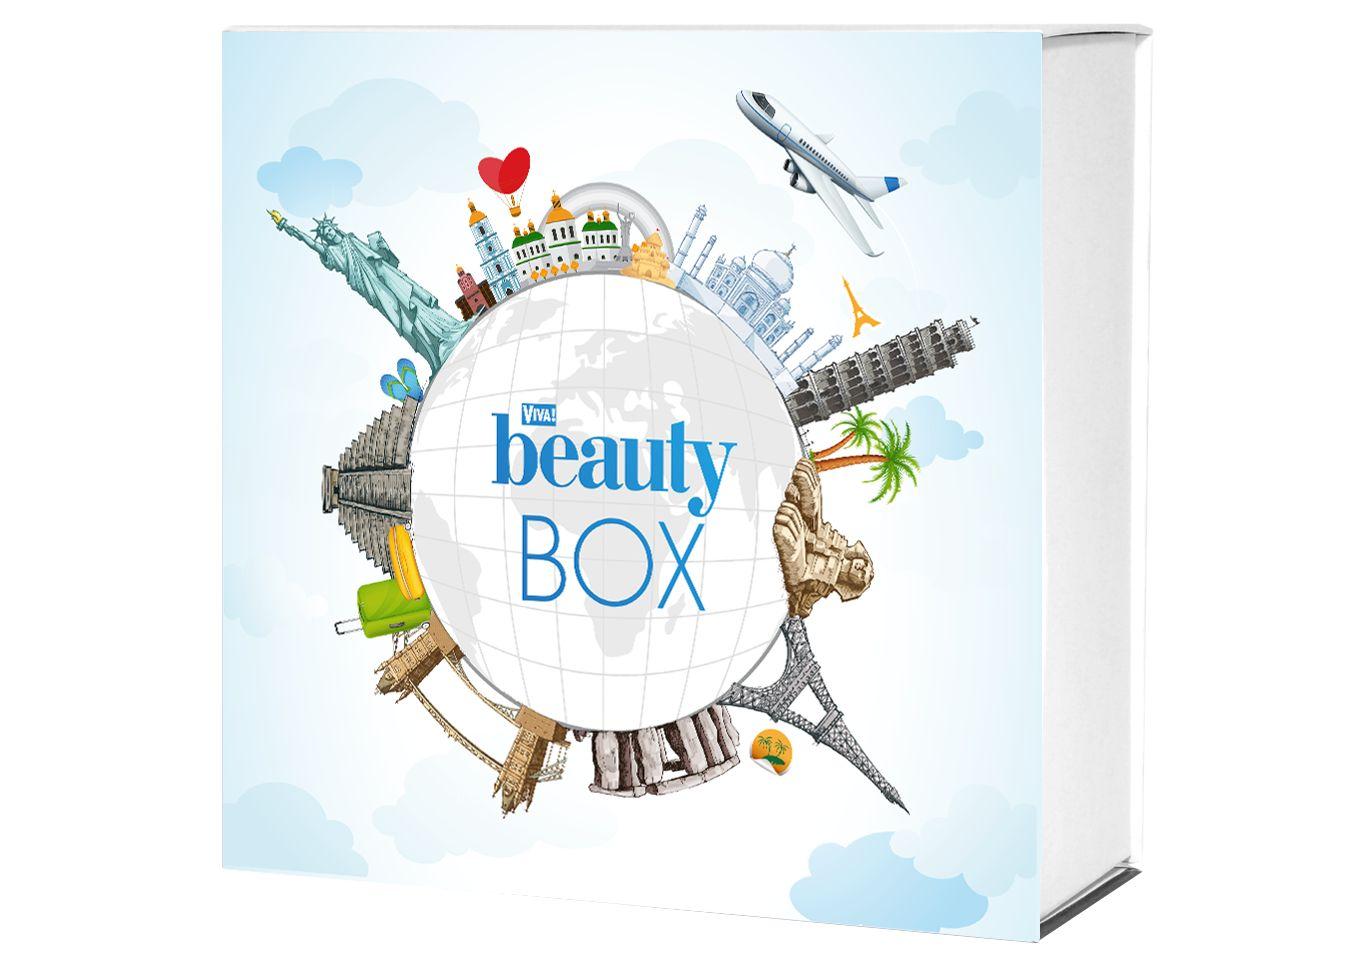 Viva Beauty BOX Travel